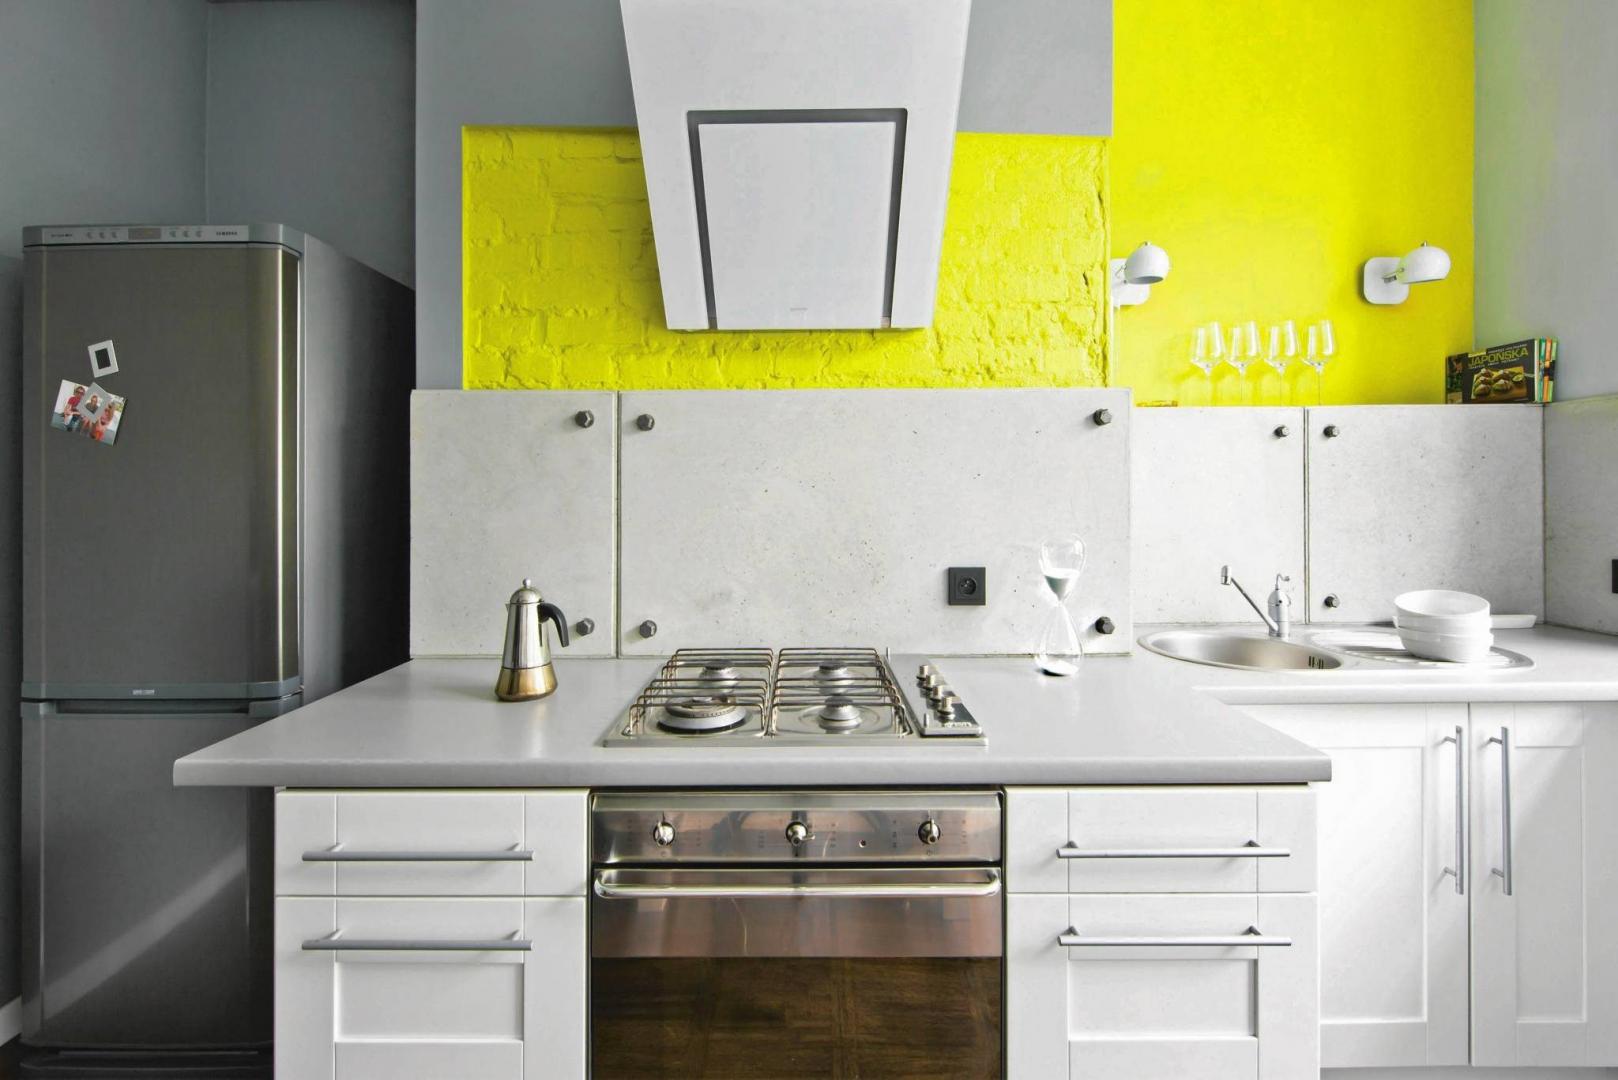 Kuchnia Co Zamiast Płytek Na ścianie ładny Dom